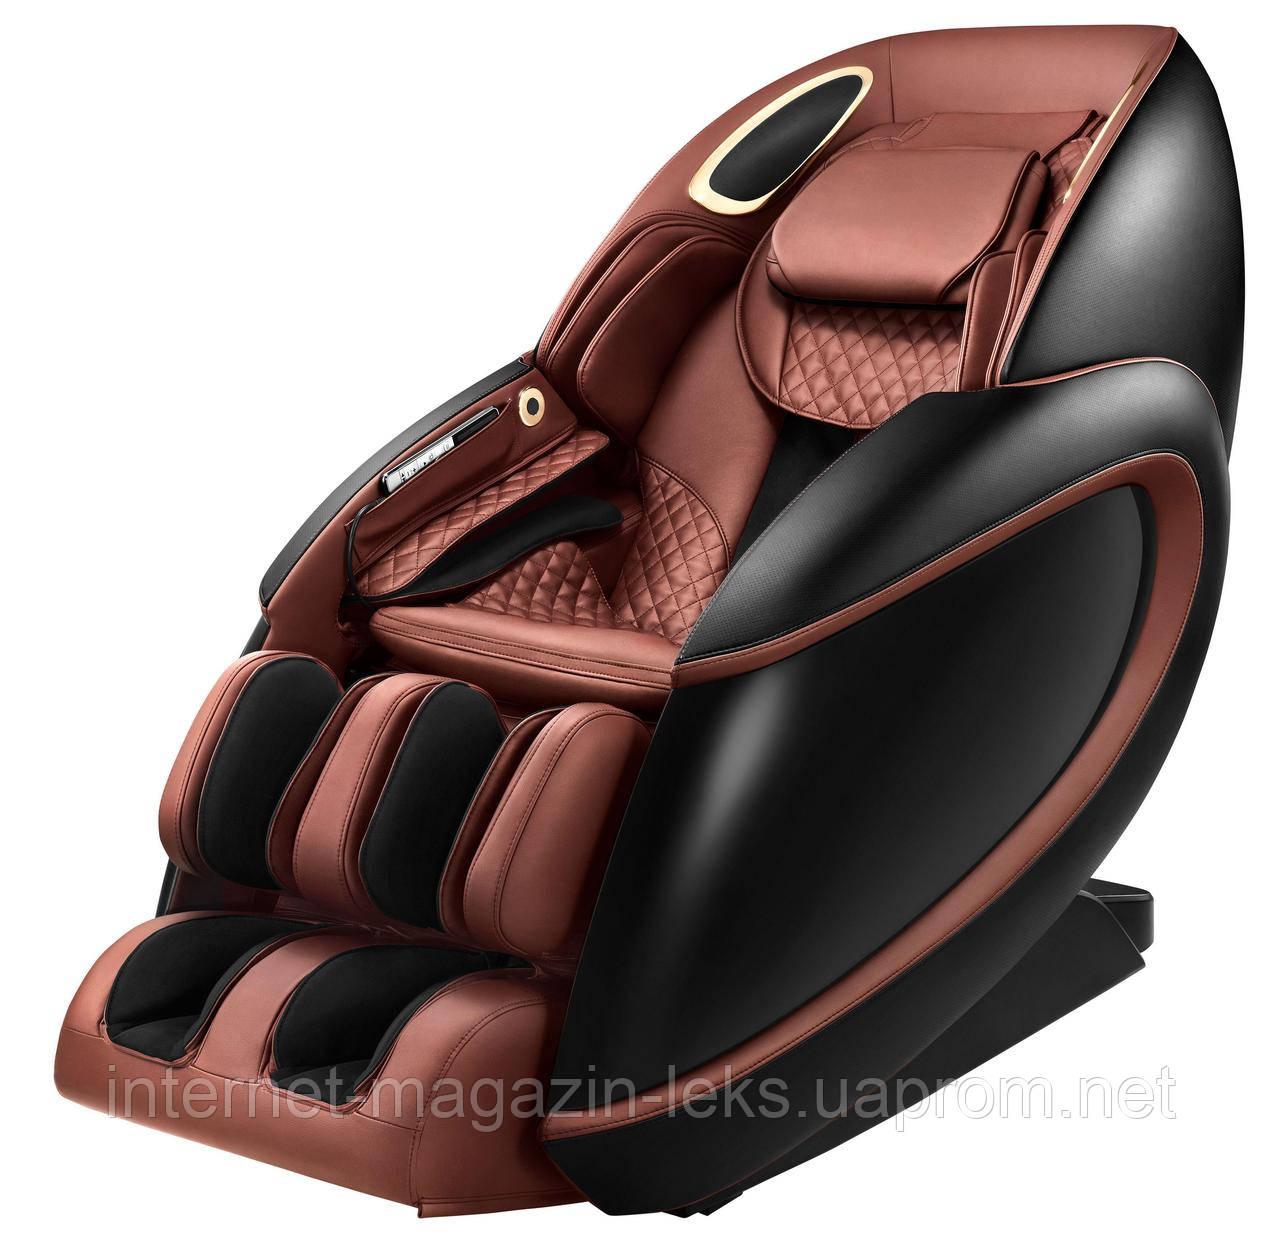 Массажное кресло Pilot II бордовый